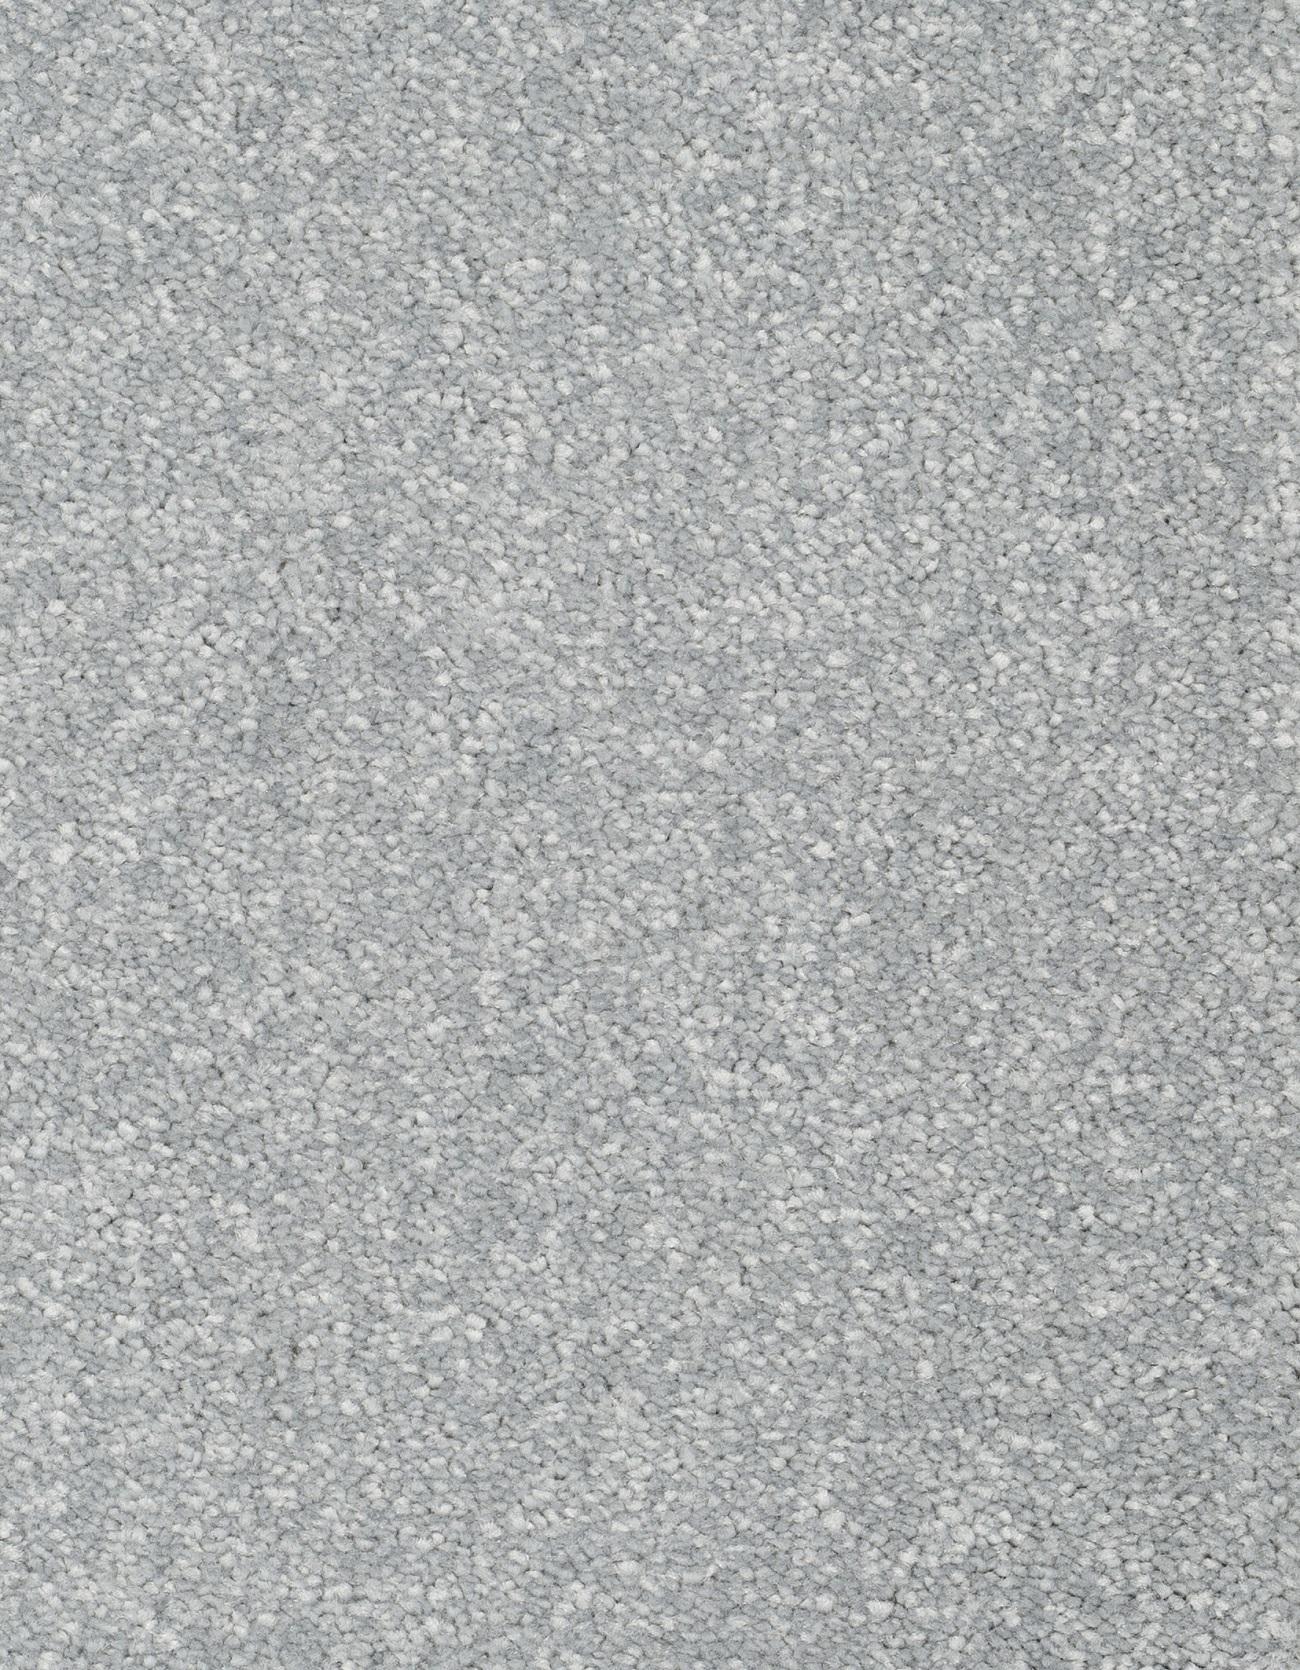 Joka - Teppichbodenv VELVET Deluxe Balance 22 Blau 500cm Breite